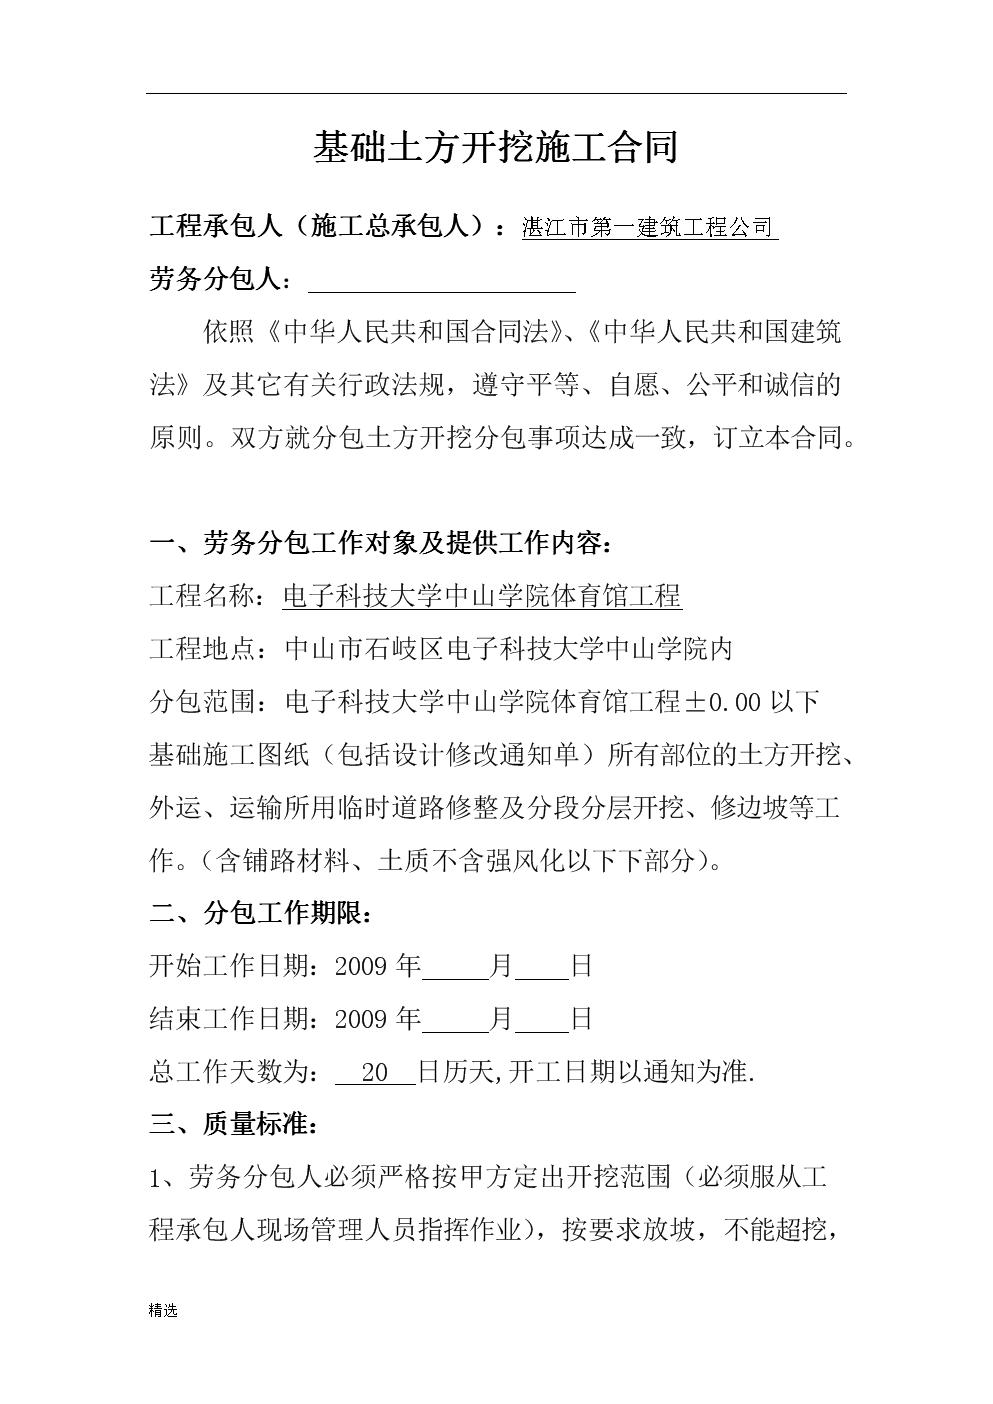 基础土方开挖施工合同(电子科大)【创意版】.doc